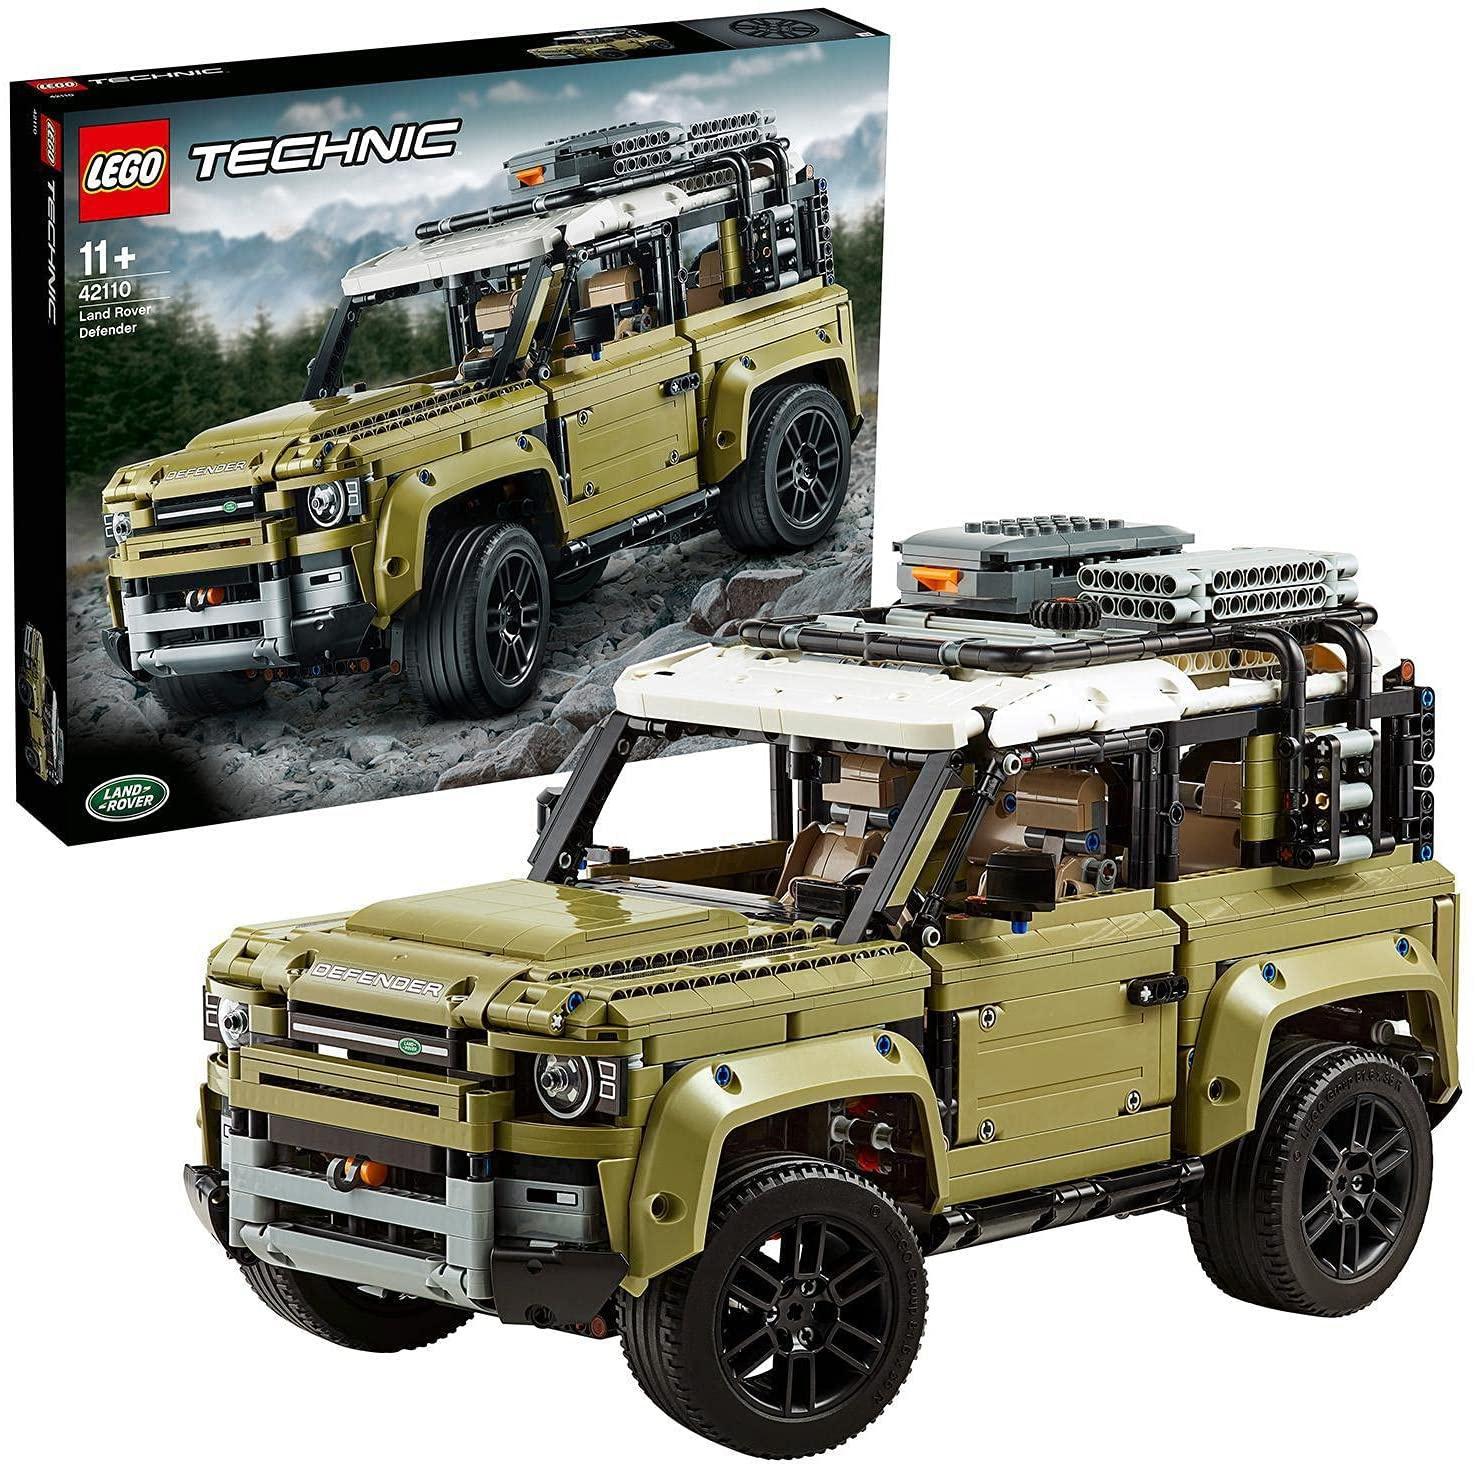 [Prime] Sélection de sets LEGO en promotion - Ex : LEGO Technic 42110 Land Rover Defender